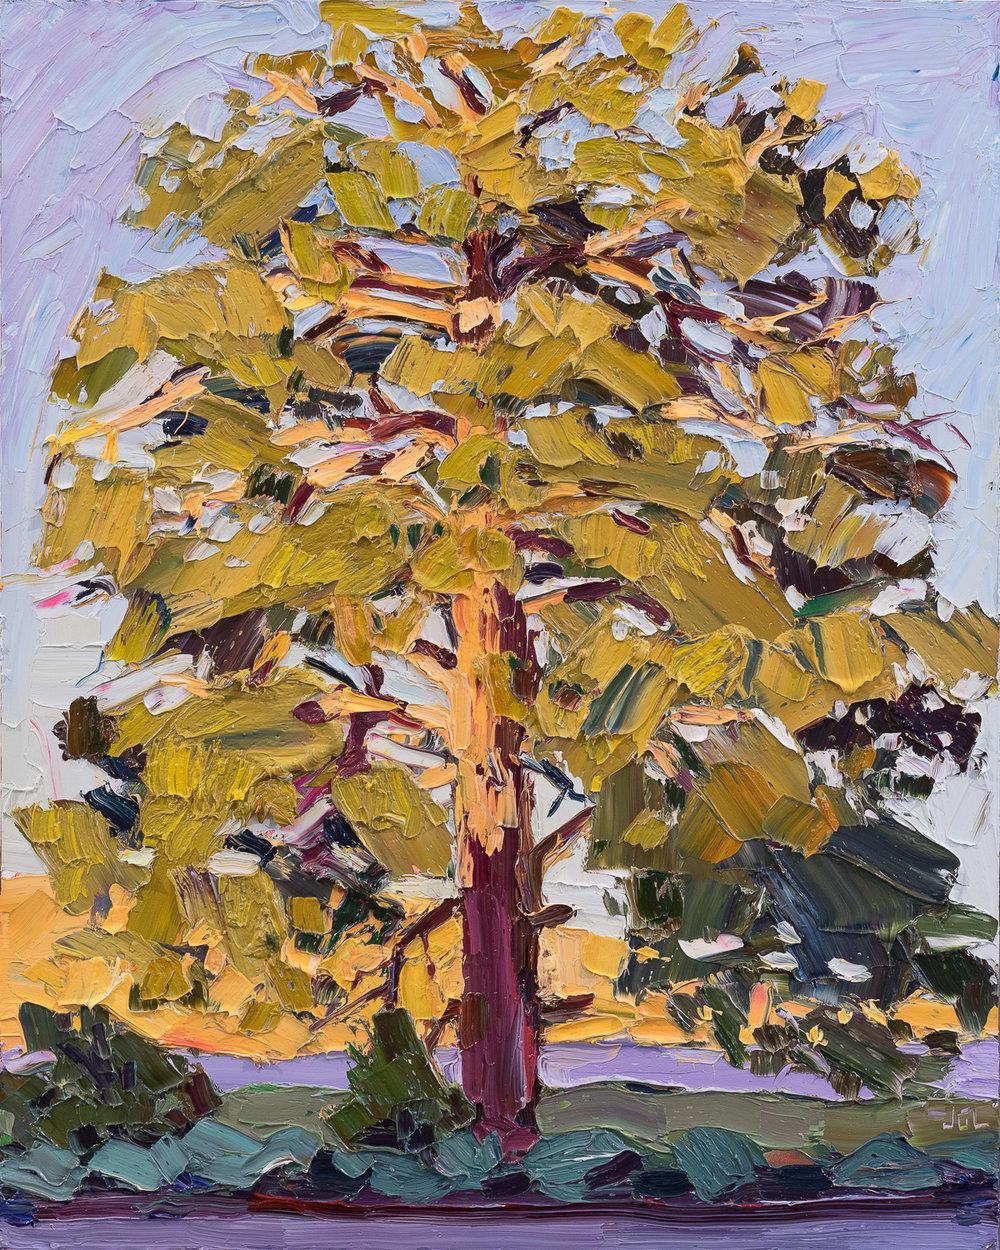 Lone Tree #4 - morning light